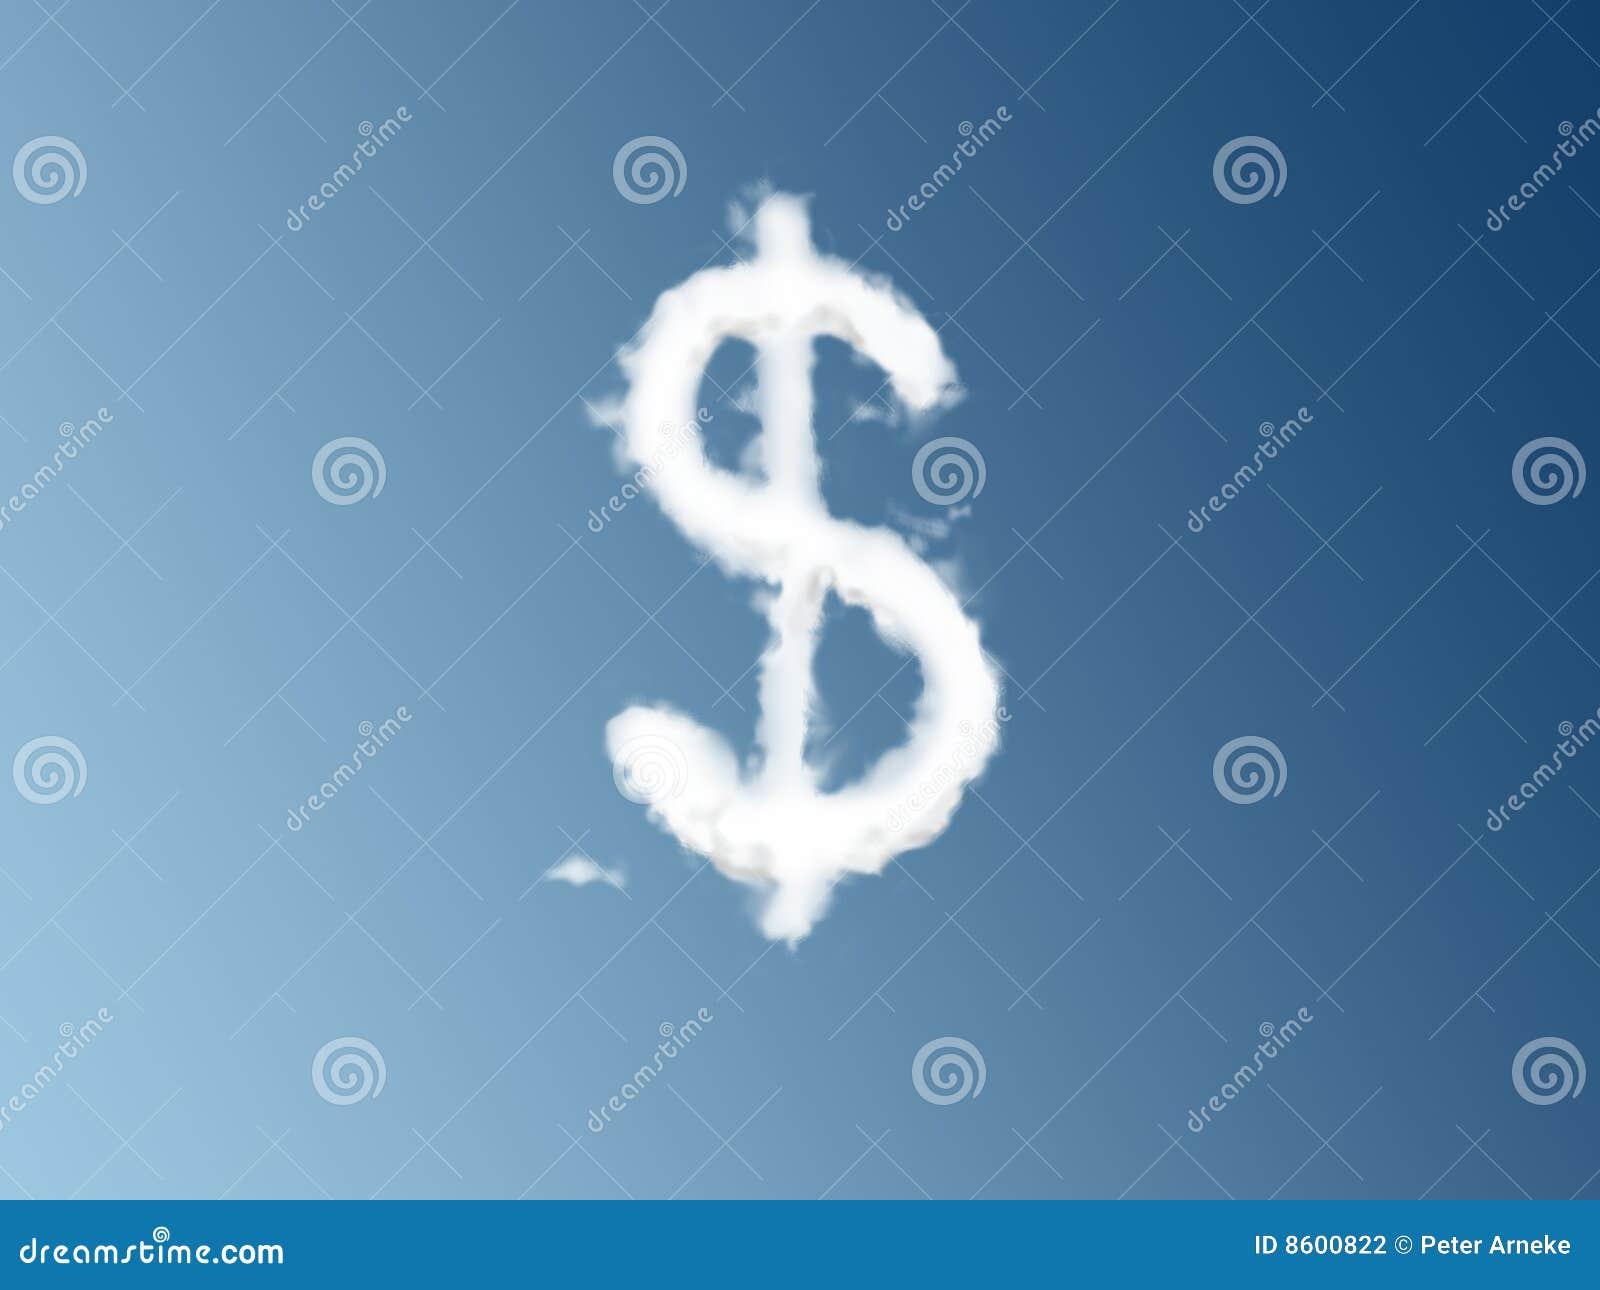 Dollar sign cloud